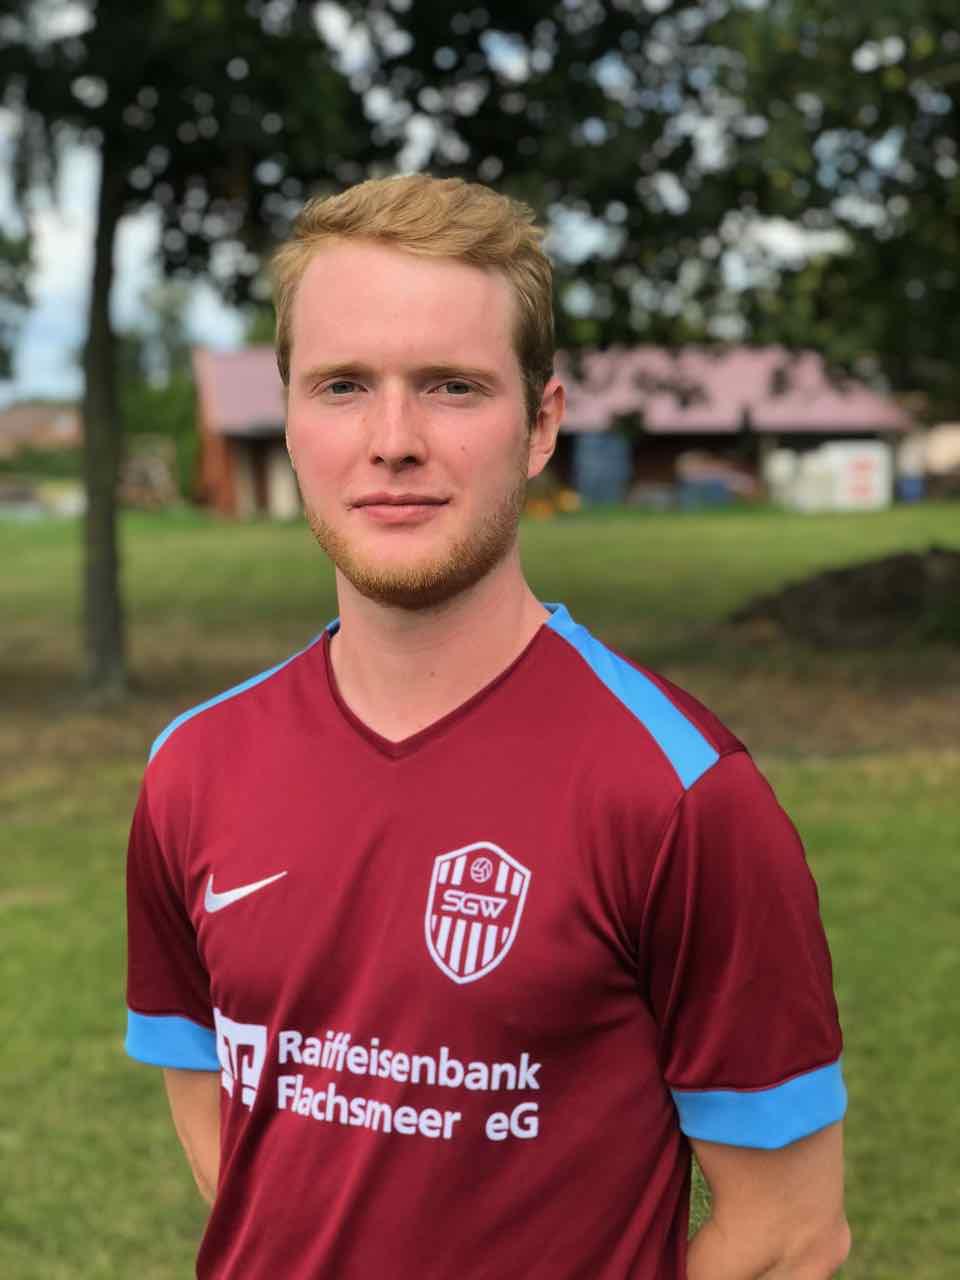 Andre Scheper